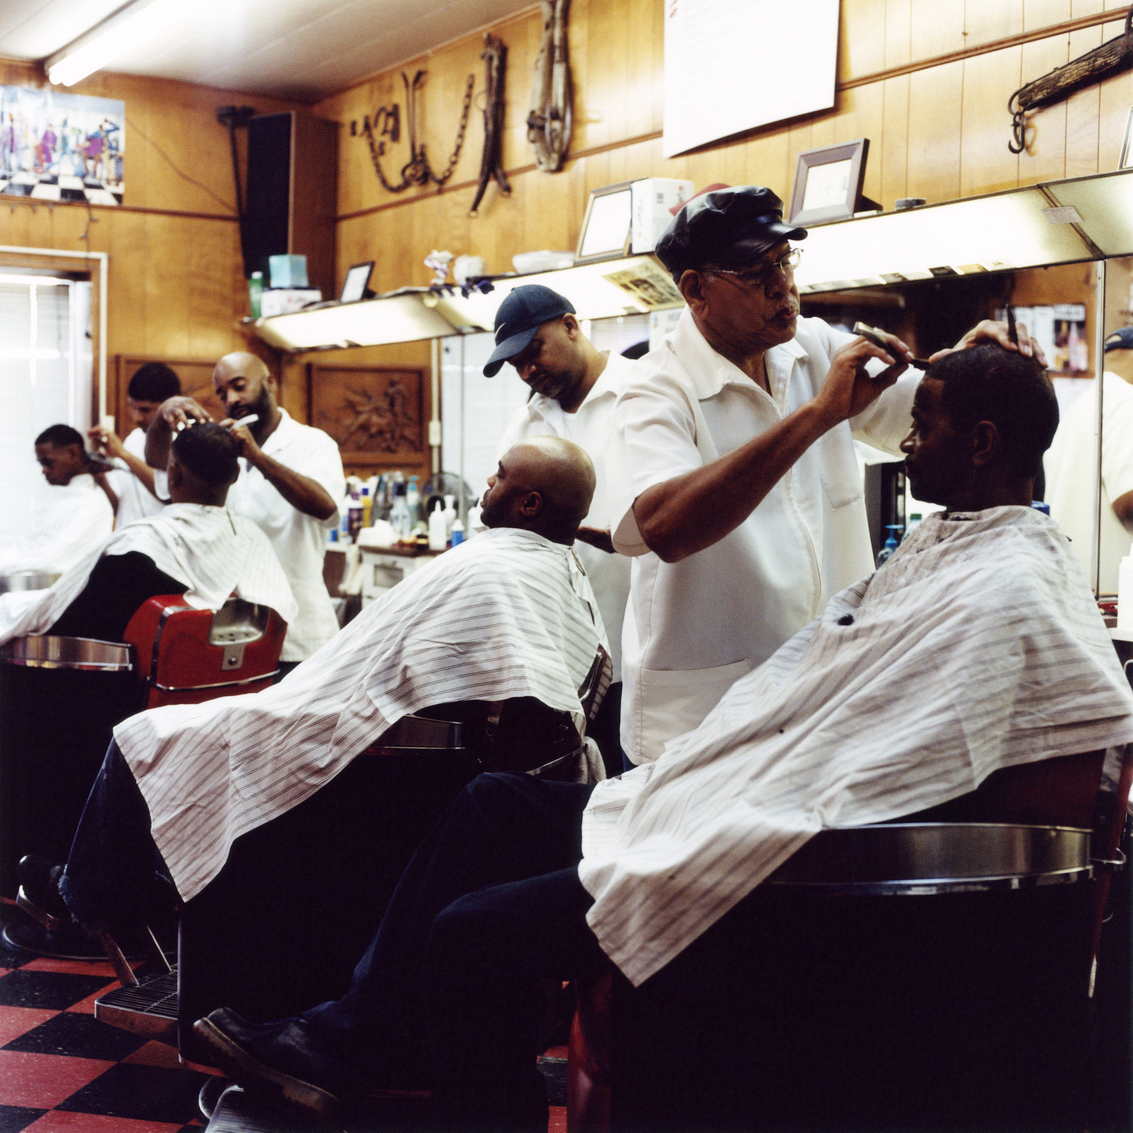 08_Webb's-BatonRouge-Louisiane ®RonanGuillou